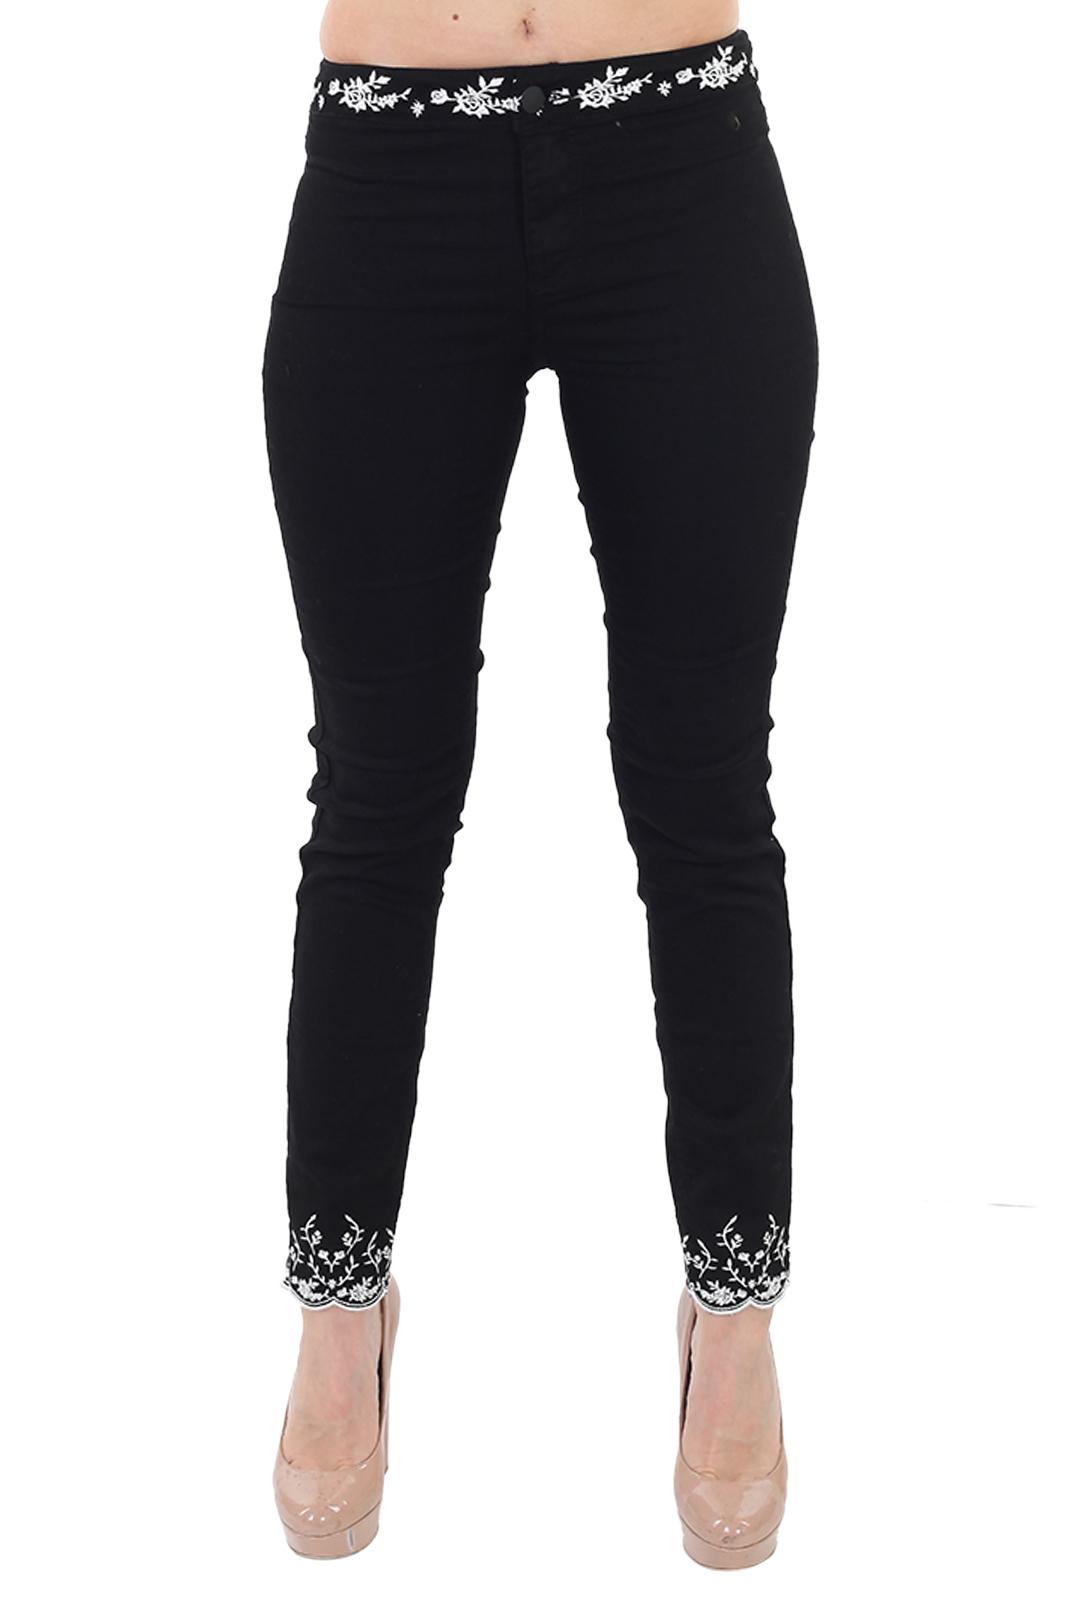 Купить недорого оригинальные женские джинсы